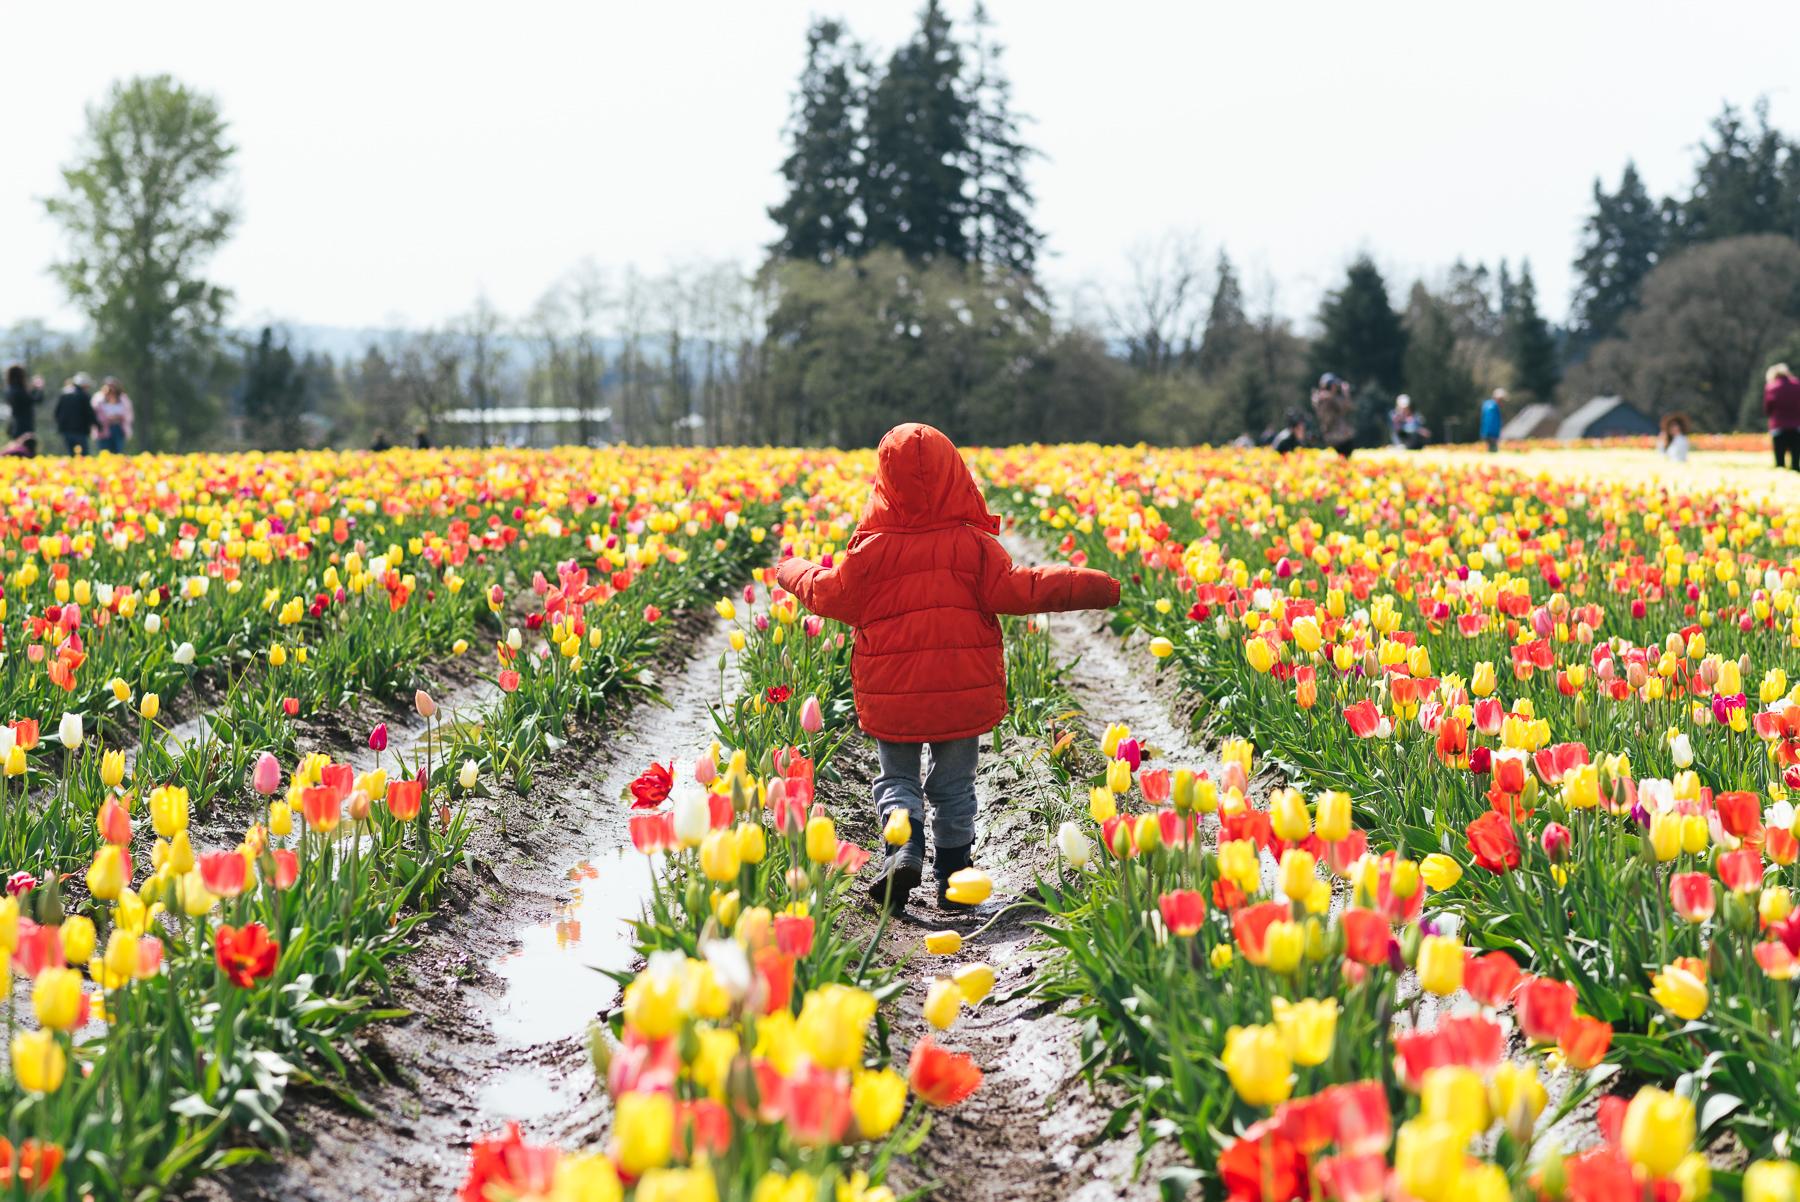 boy walking down rows of tulips in PNW